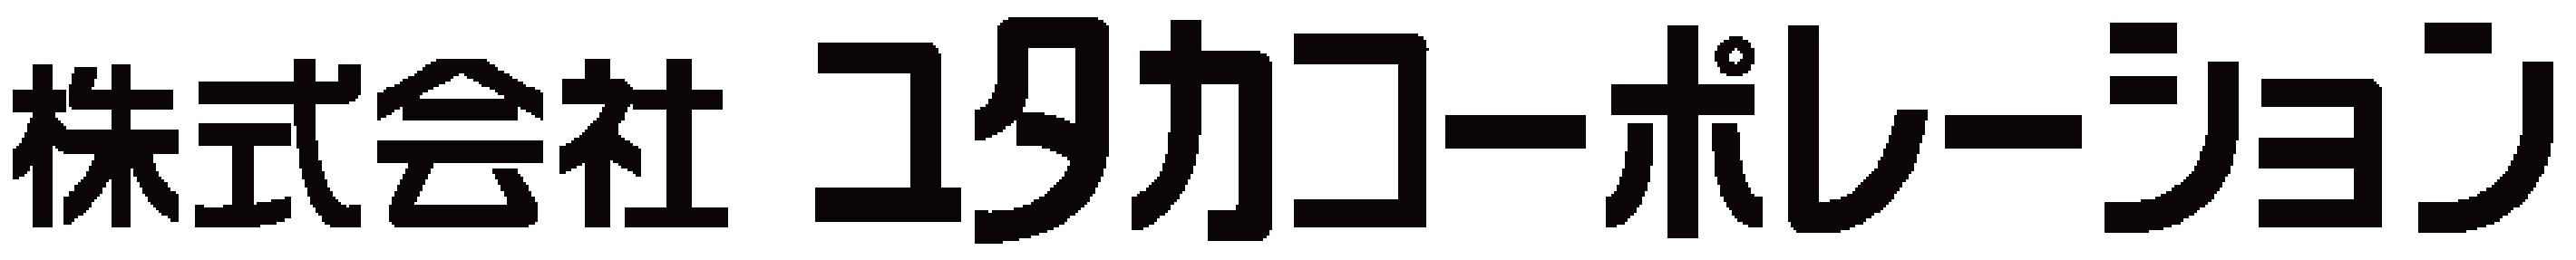 ユタカコーポレーションロゴ